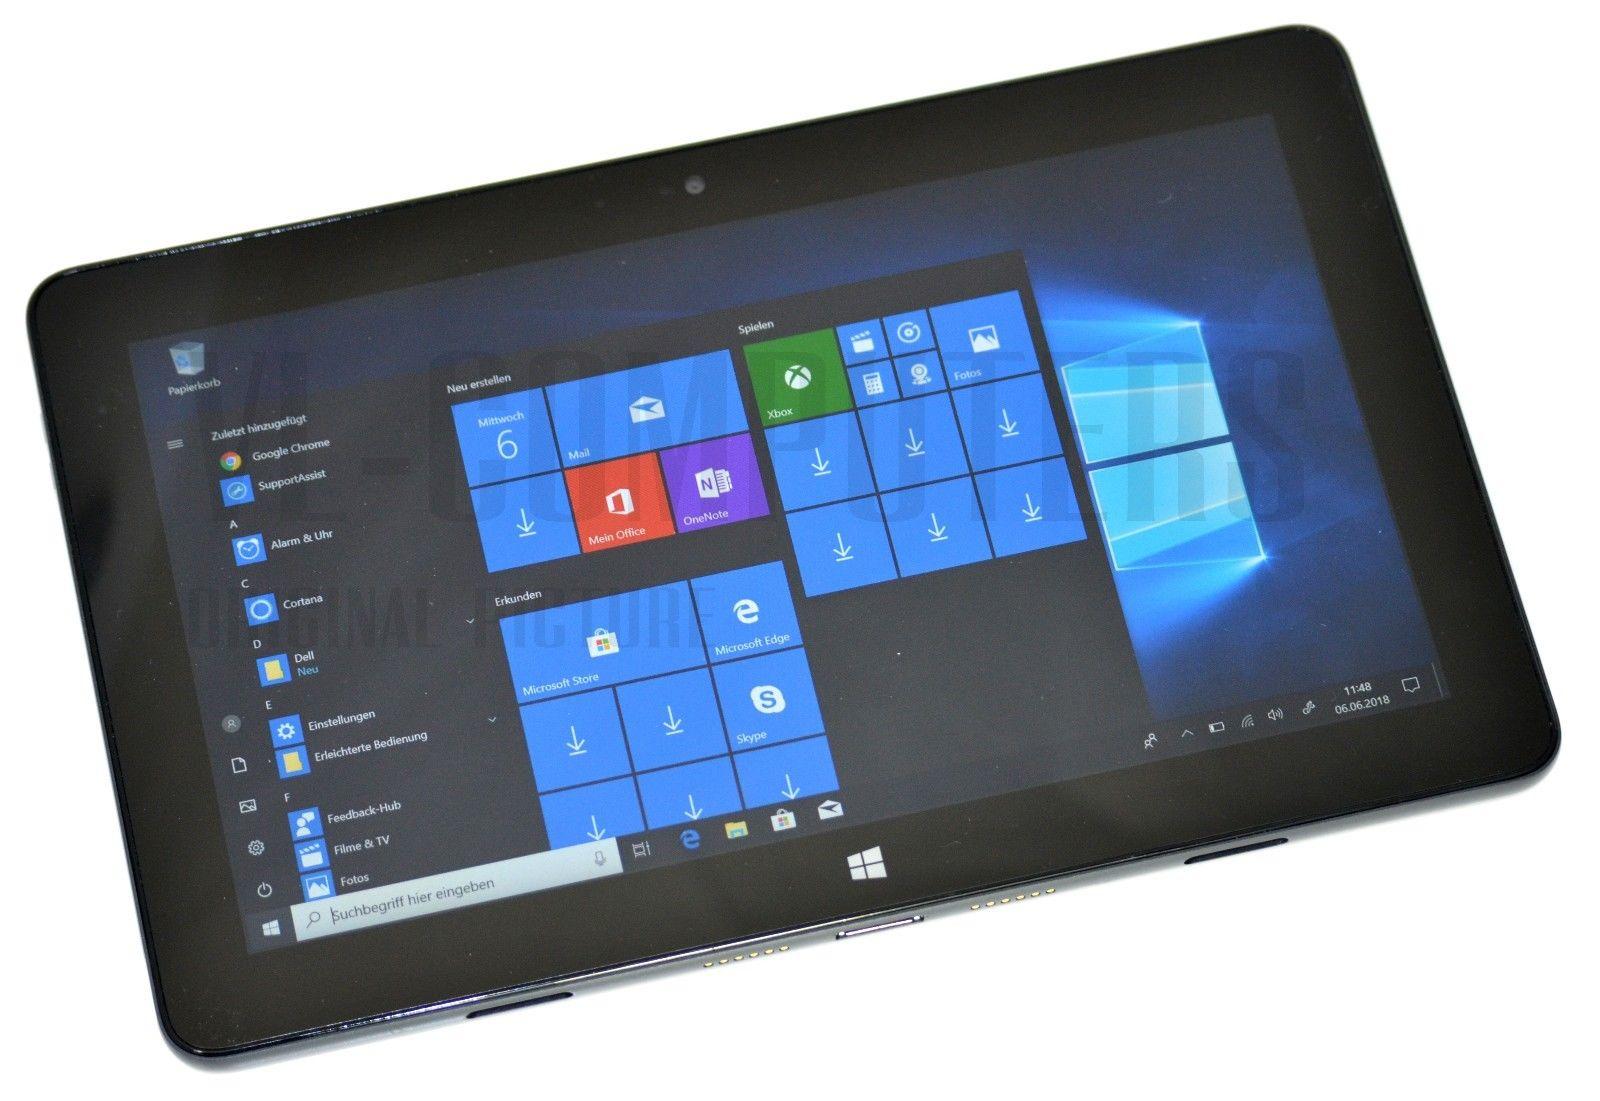 Dell Venue 11 Pro 7139 Secure 3G Core i5-4300Y 8GB 256GB 10,8